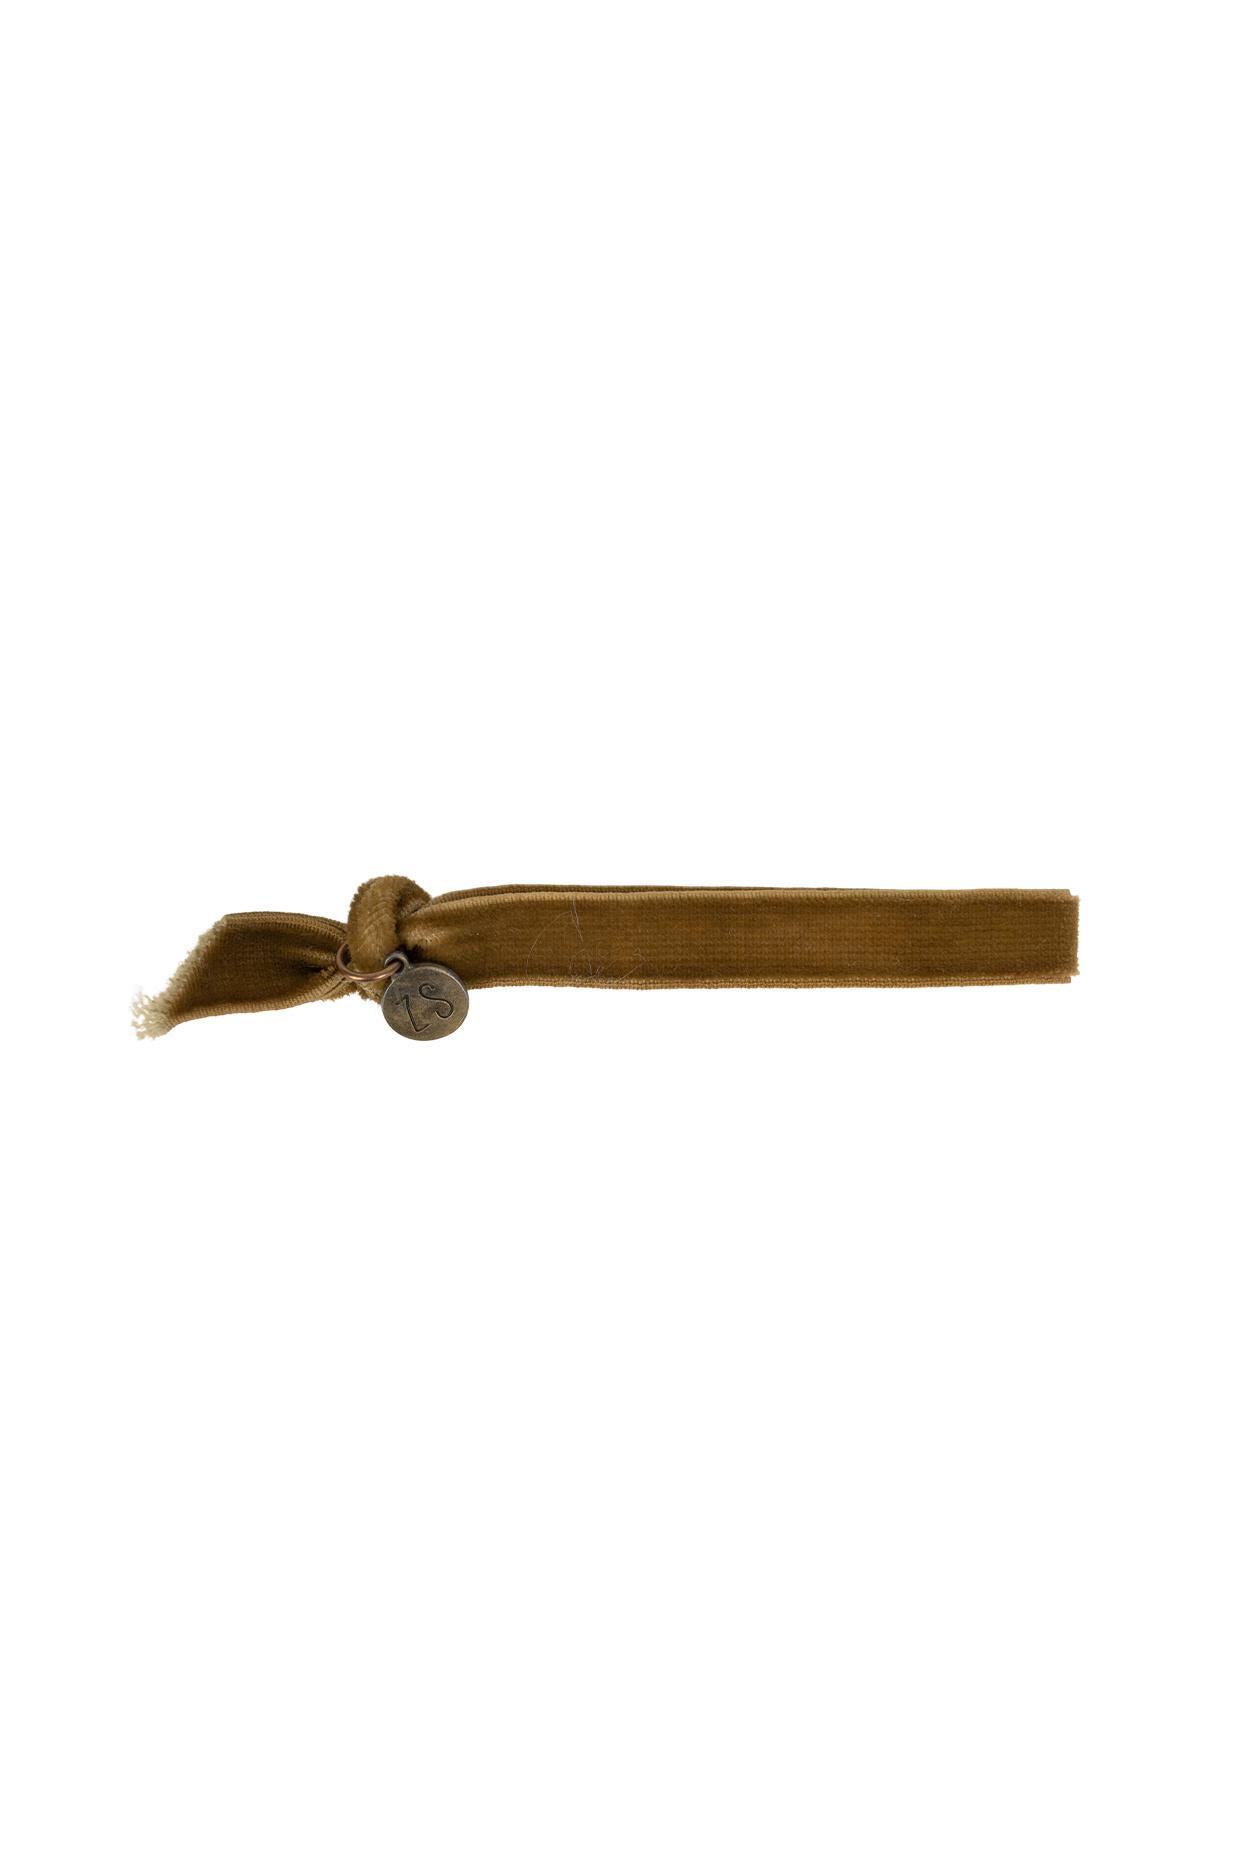 Zusss armband 24cm, fluweel - muskaat